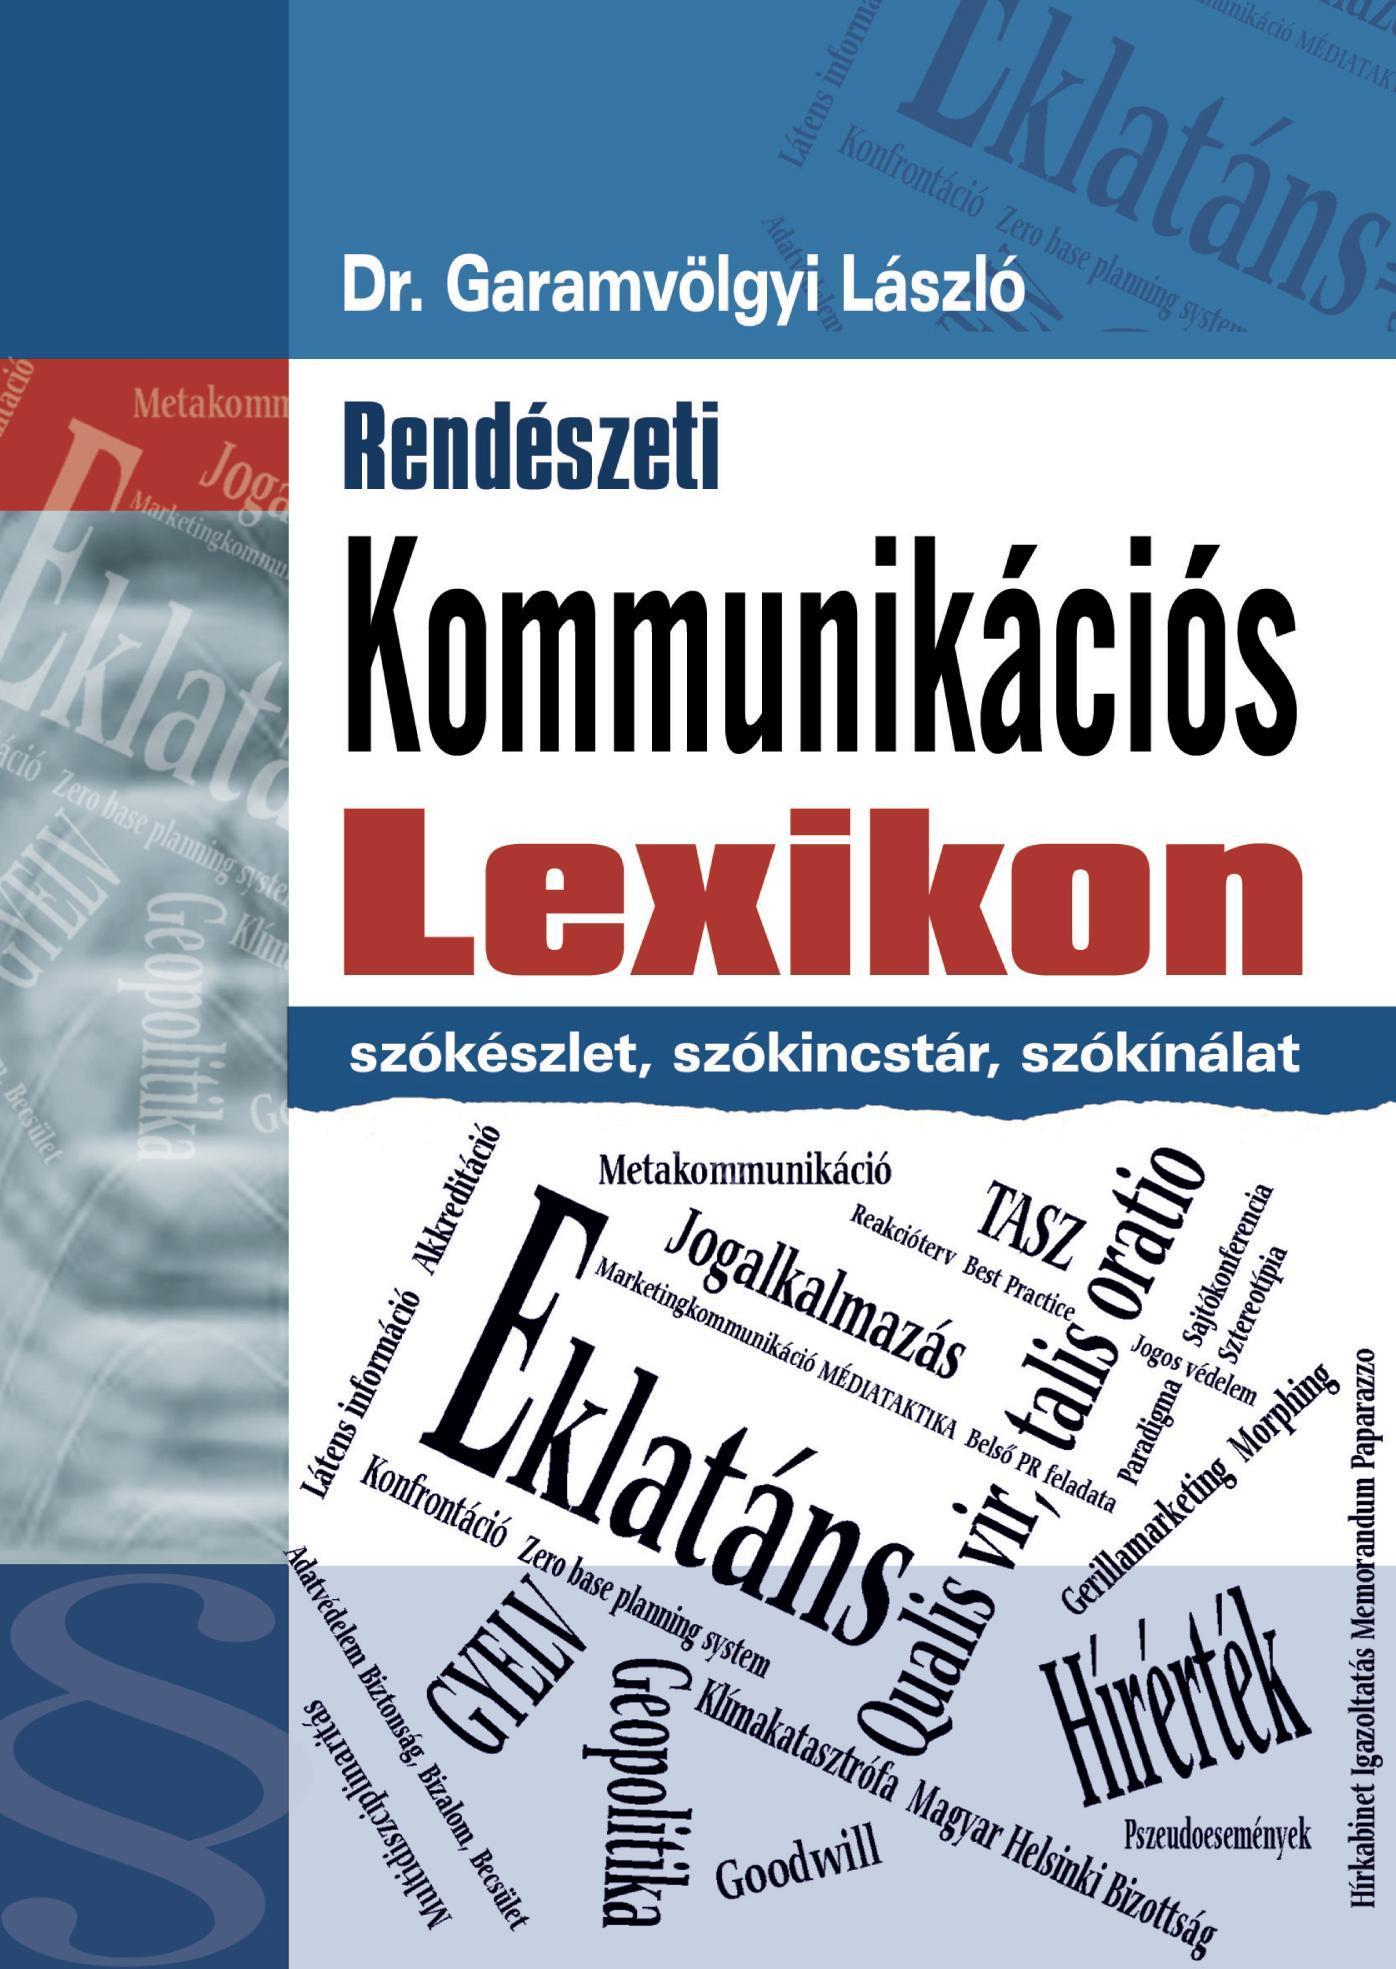 RENDÉSZETI KOMMUNIKÁCIÓS LEXIKON - SZÓKÉSZLET, SZÓKINCSTÁR, SZÓKÍNÁLAT